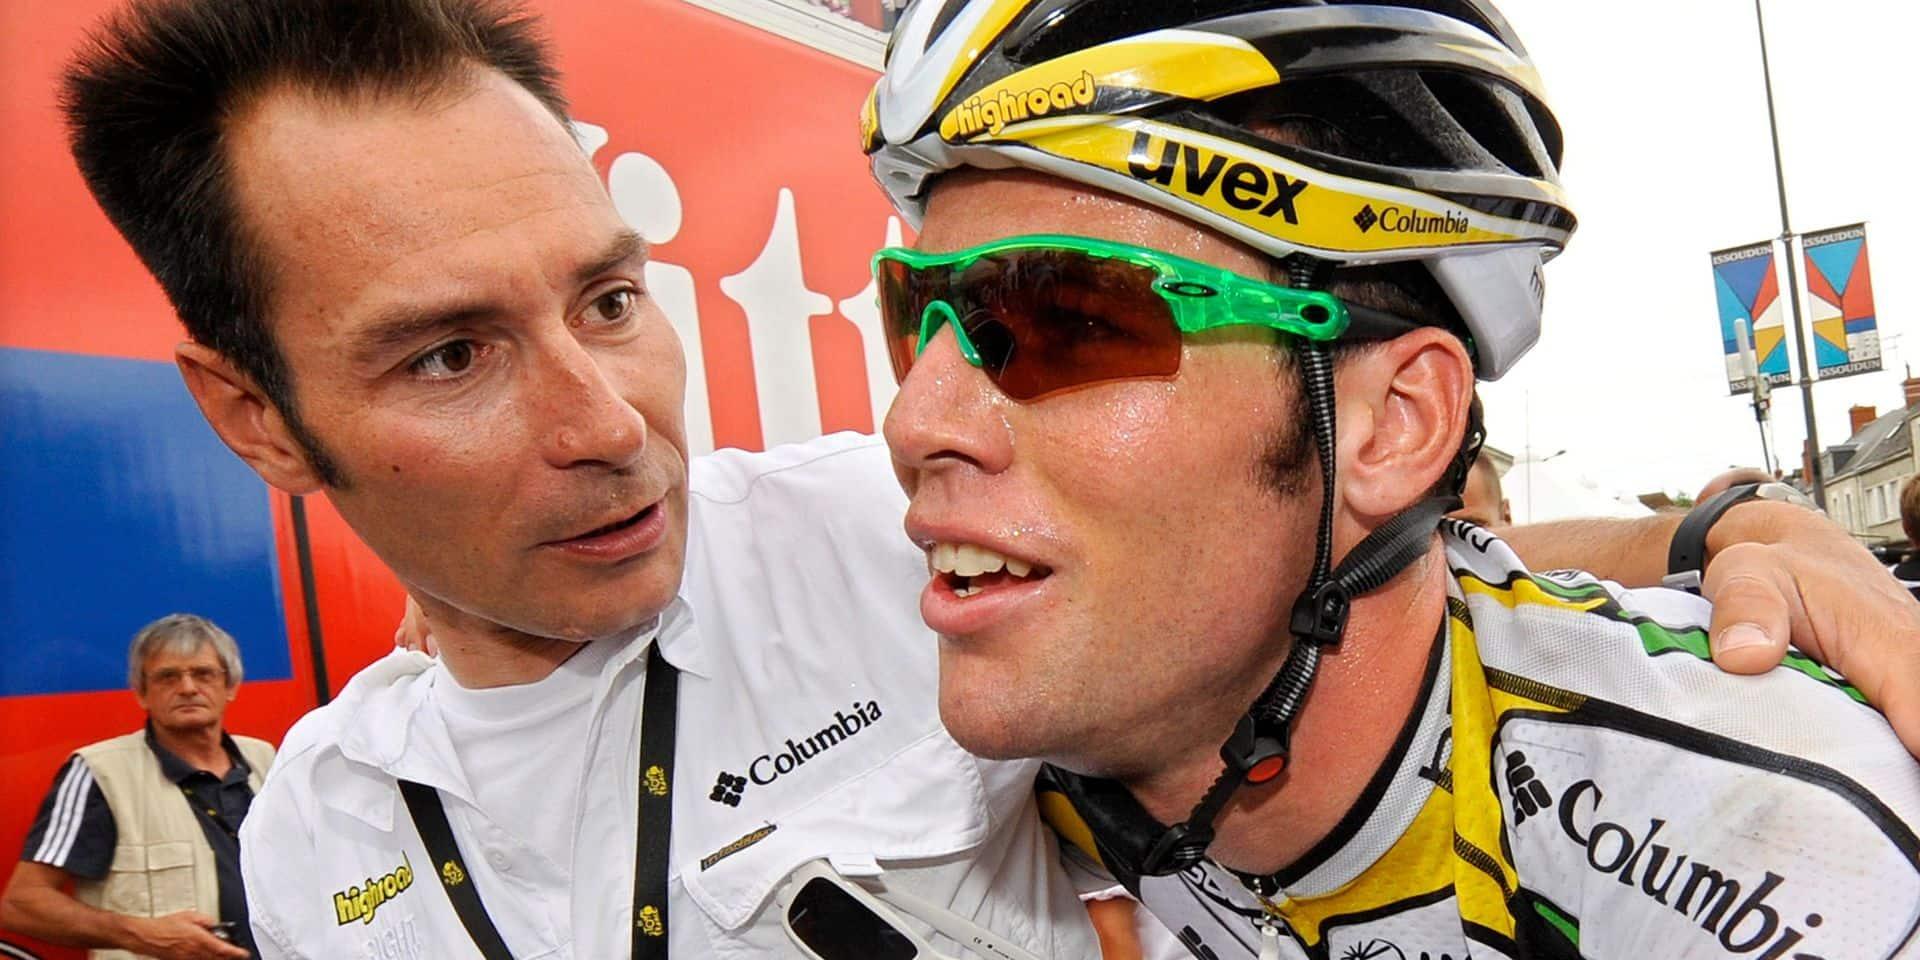 """De légende à légende, Zabel juge Cavendish: """"Il est l'un des meilleurs sprinters de l'histoire"""